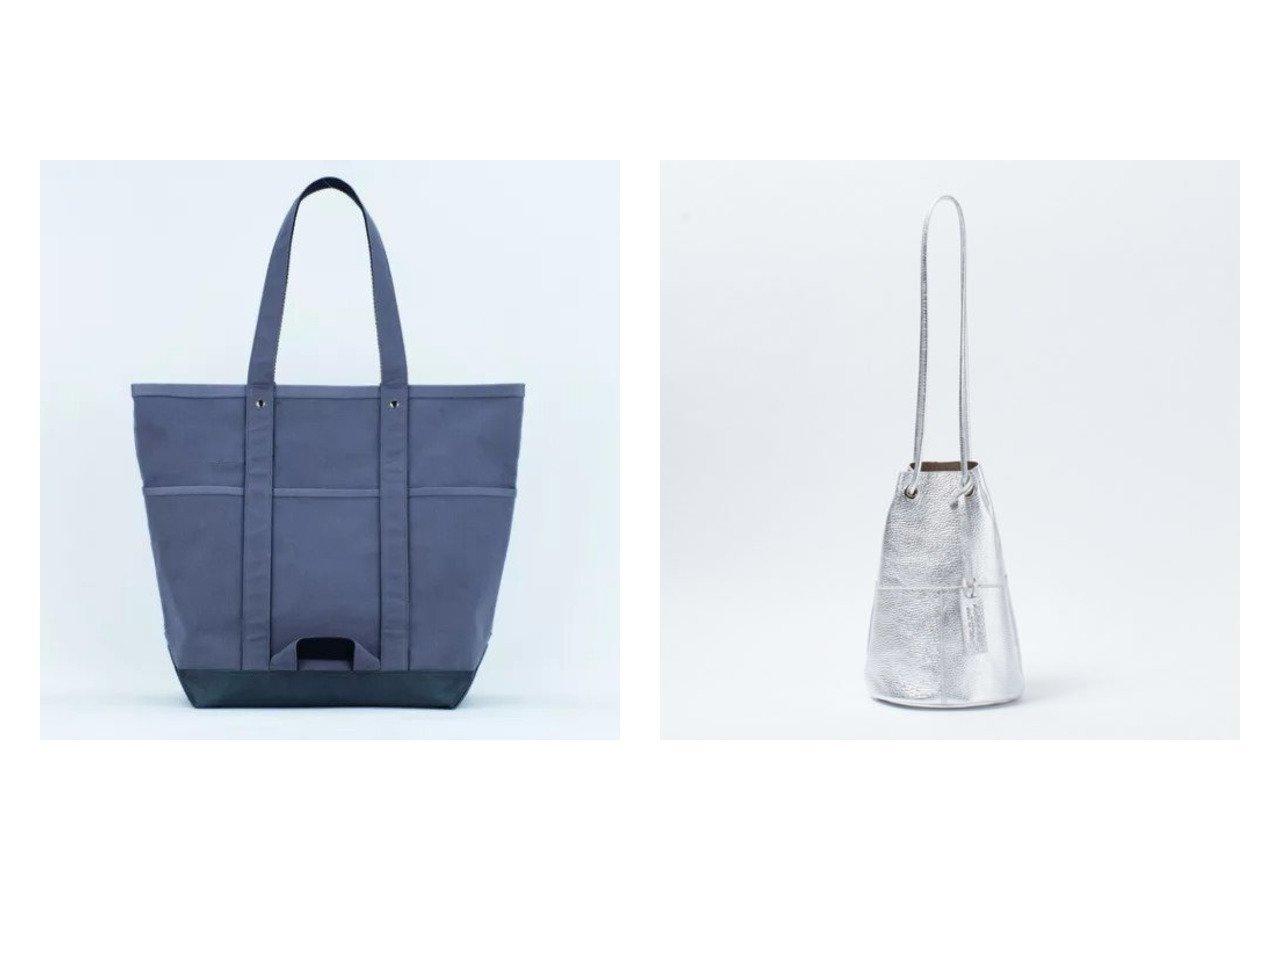 【HEMING'S/ヘミングス】のコンパートメントバッグ MARCHE&【eclat/エクラ】の巾着バッグ(Small) 【バッグ・鞄】おすすめ!人気、トレンド・レディースファッションの通販 おすすめで人気の流行・トレンド、ファッションの通販商品 メンズファッション・キッズファッション・インテリア・家具・レディースファッション・服の通販 founy(ファニー) https://founy.com/ 雑誌掲載アイテム Magazine Items ファッション雑誌 Fashion Magazines エクラ eclat ファッション Fashion レディースファッション WOMEN バッグ Bag 4月号 トレンド ラップ 人気 別注 巾着 雑誌 アウトドア ポケット メッシュ ループ |ID:crp329100000029227